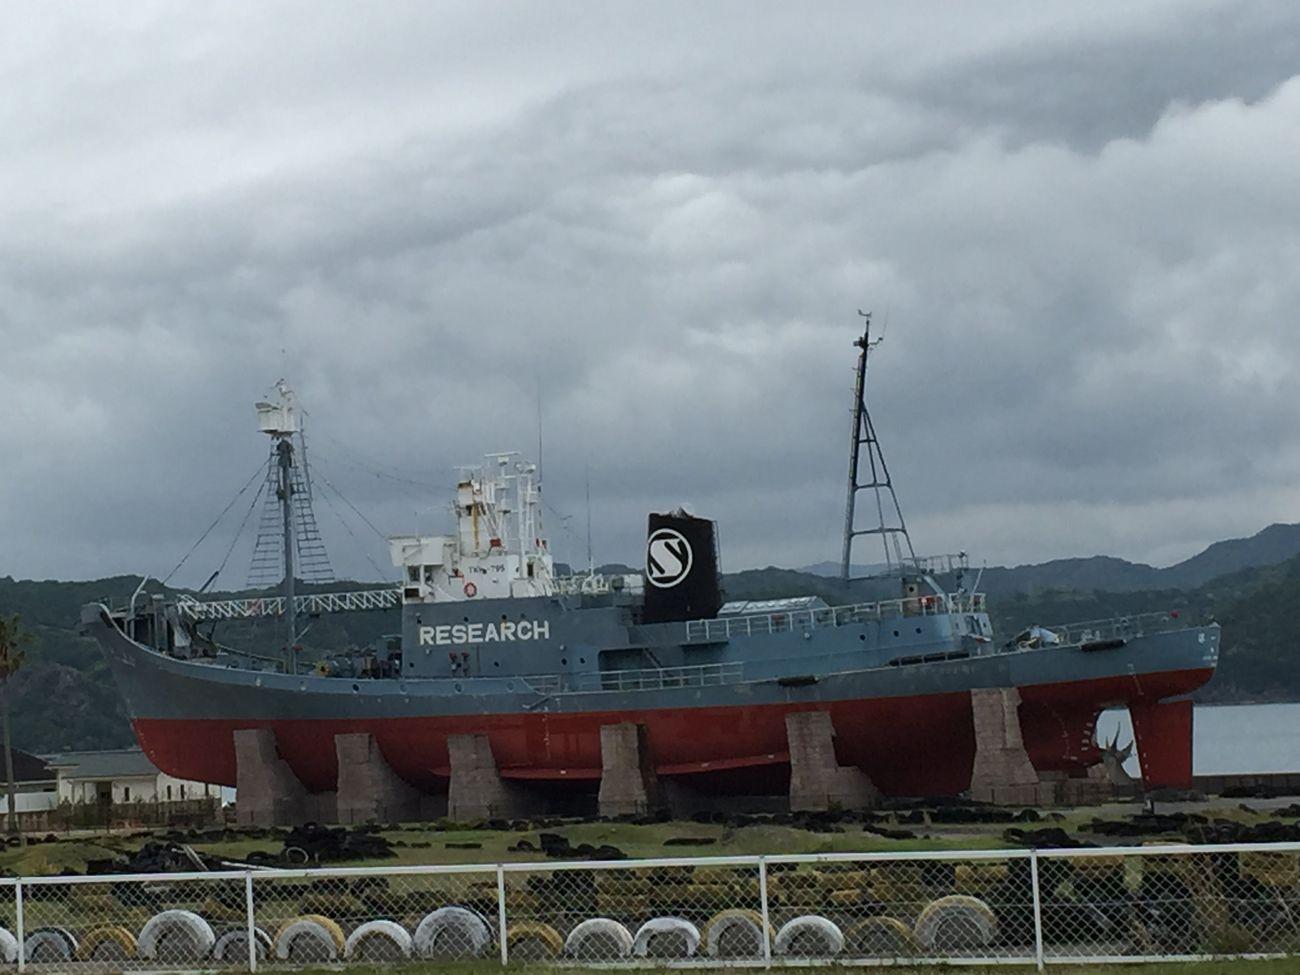 捕鯨船 OpenEdit Ship